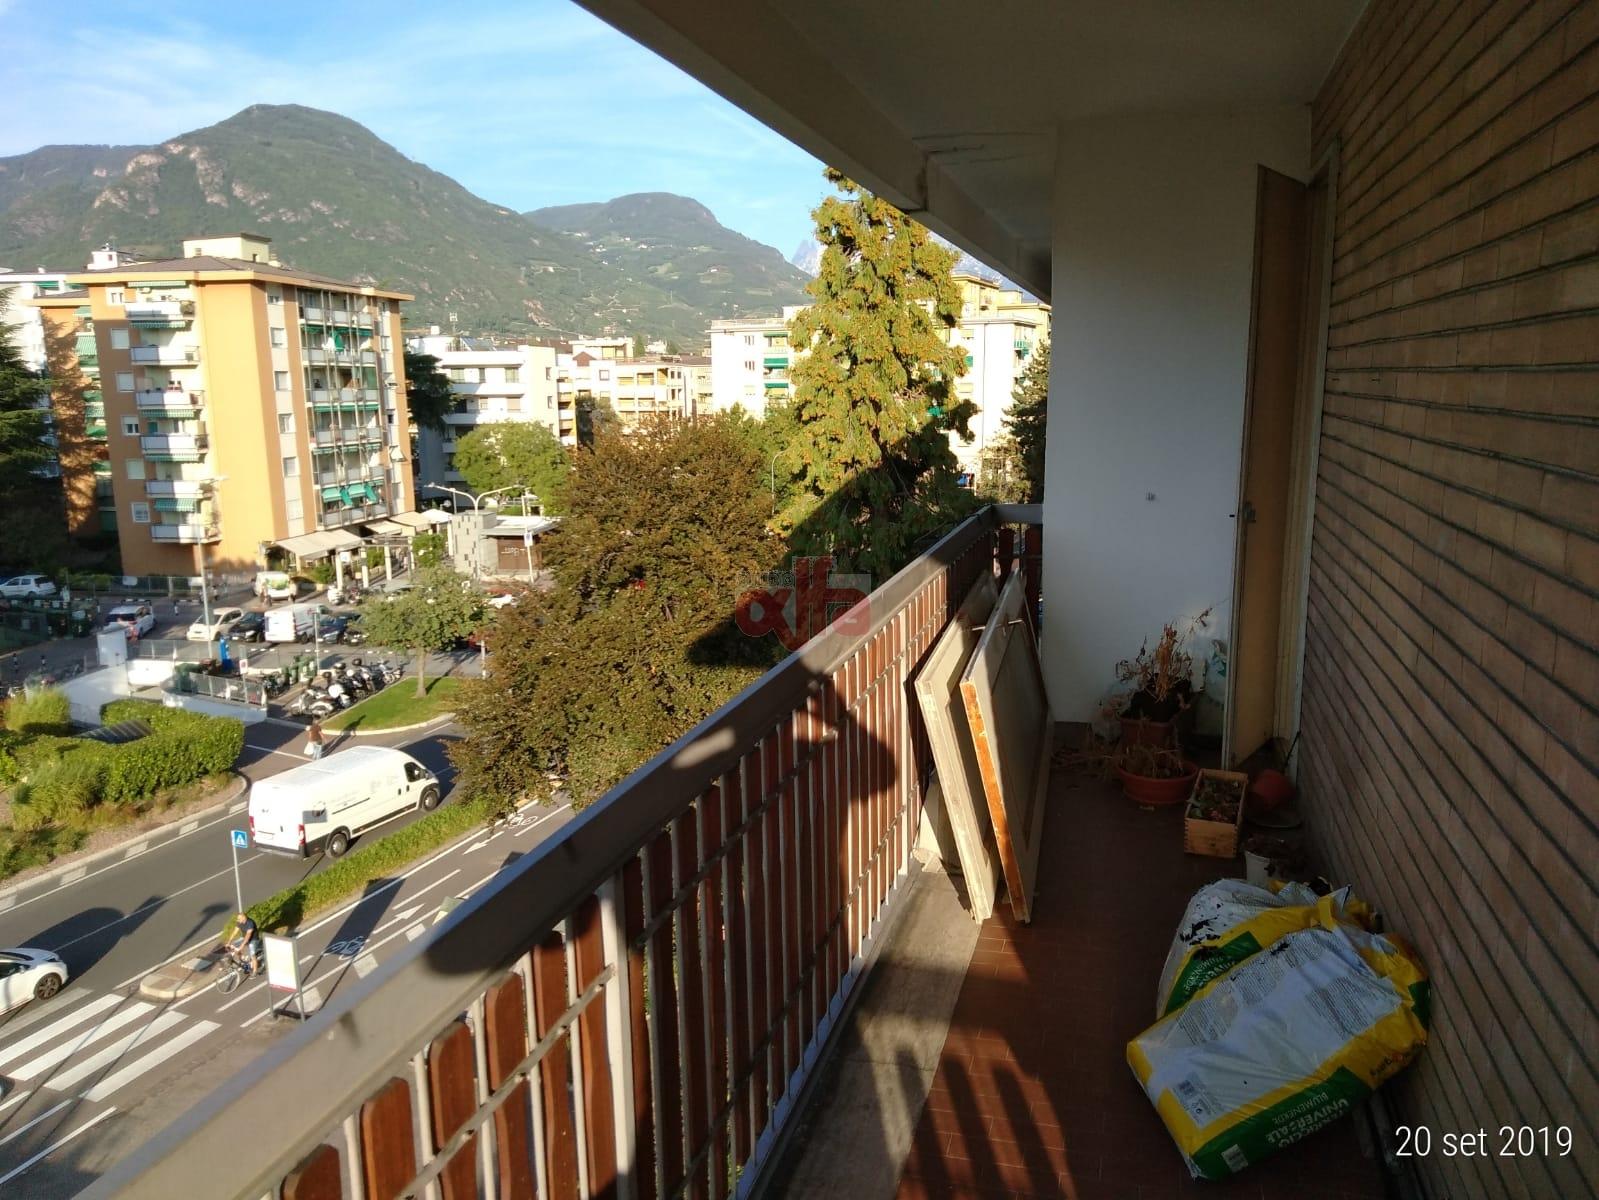 Bolzano - Bozen - Via visitazione